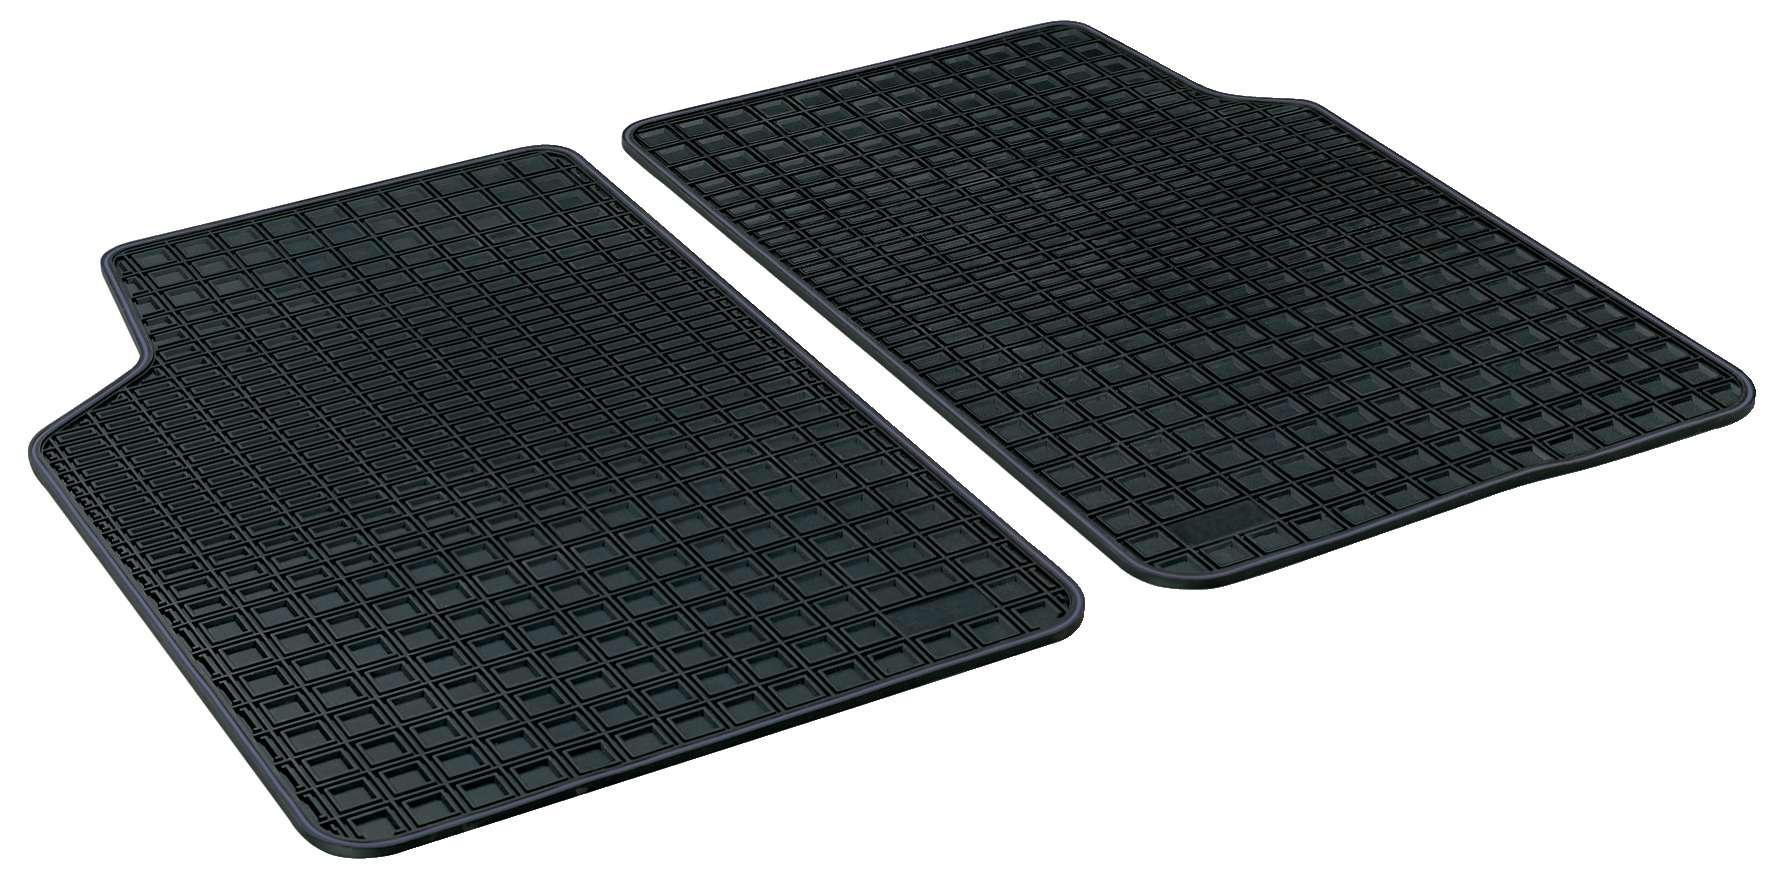 Zestaw dywaników podłogowych 14903 WALSER 14903 oryginalnej jakości